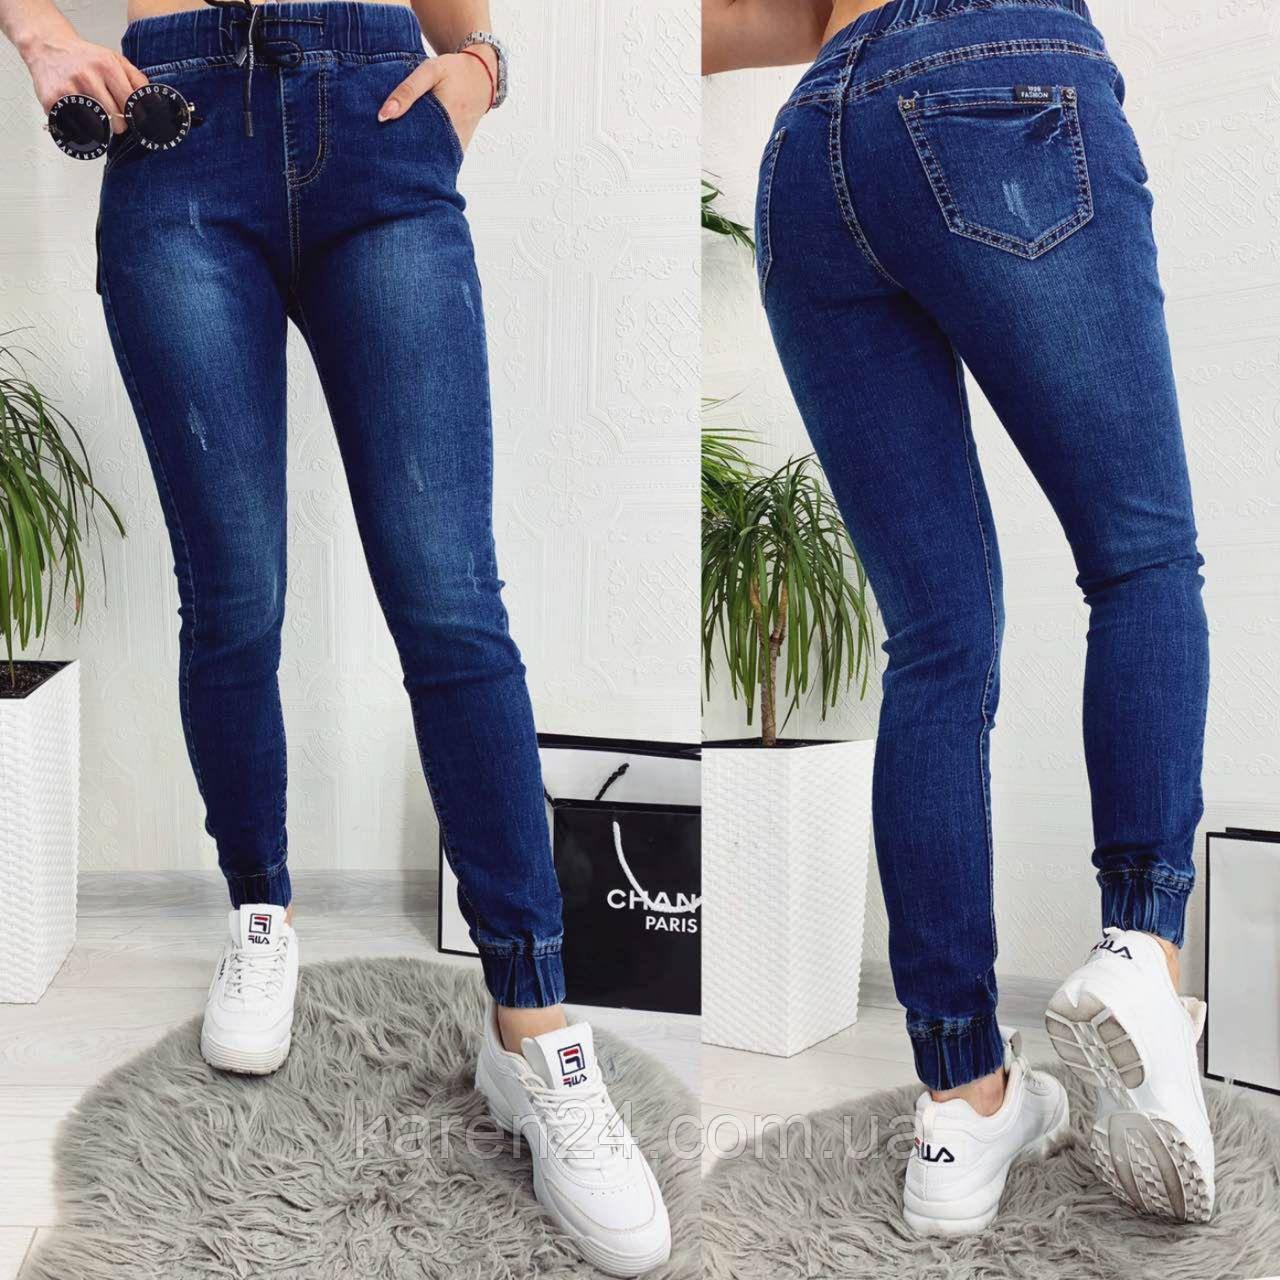 f7df9e551dc9 Женские джинсы синие на резинке New Jeans